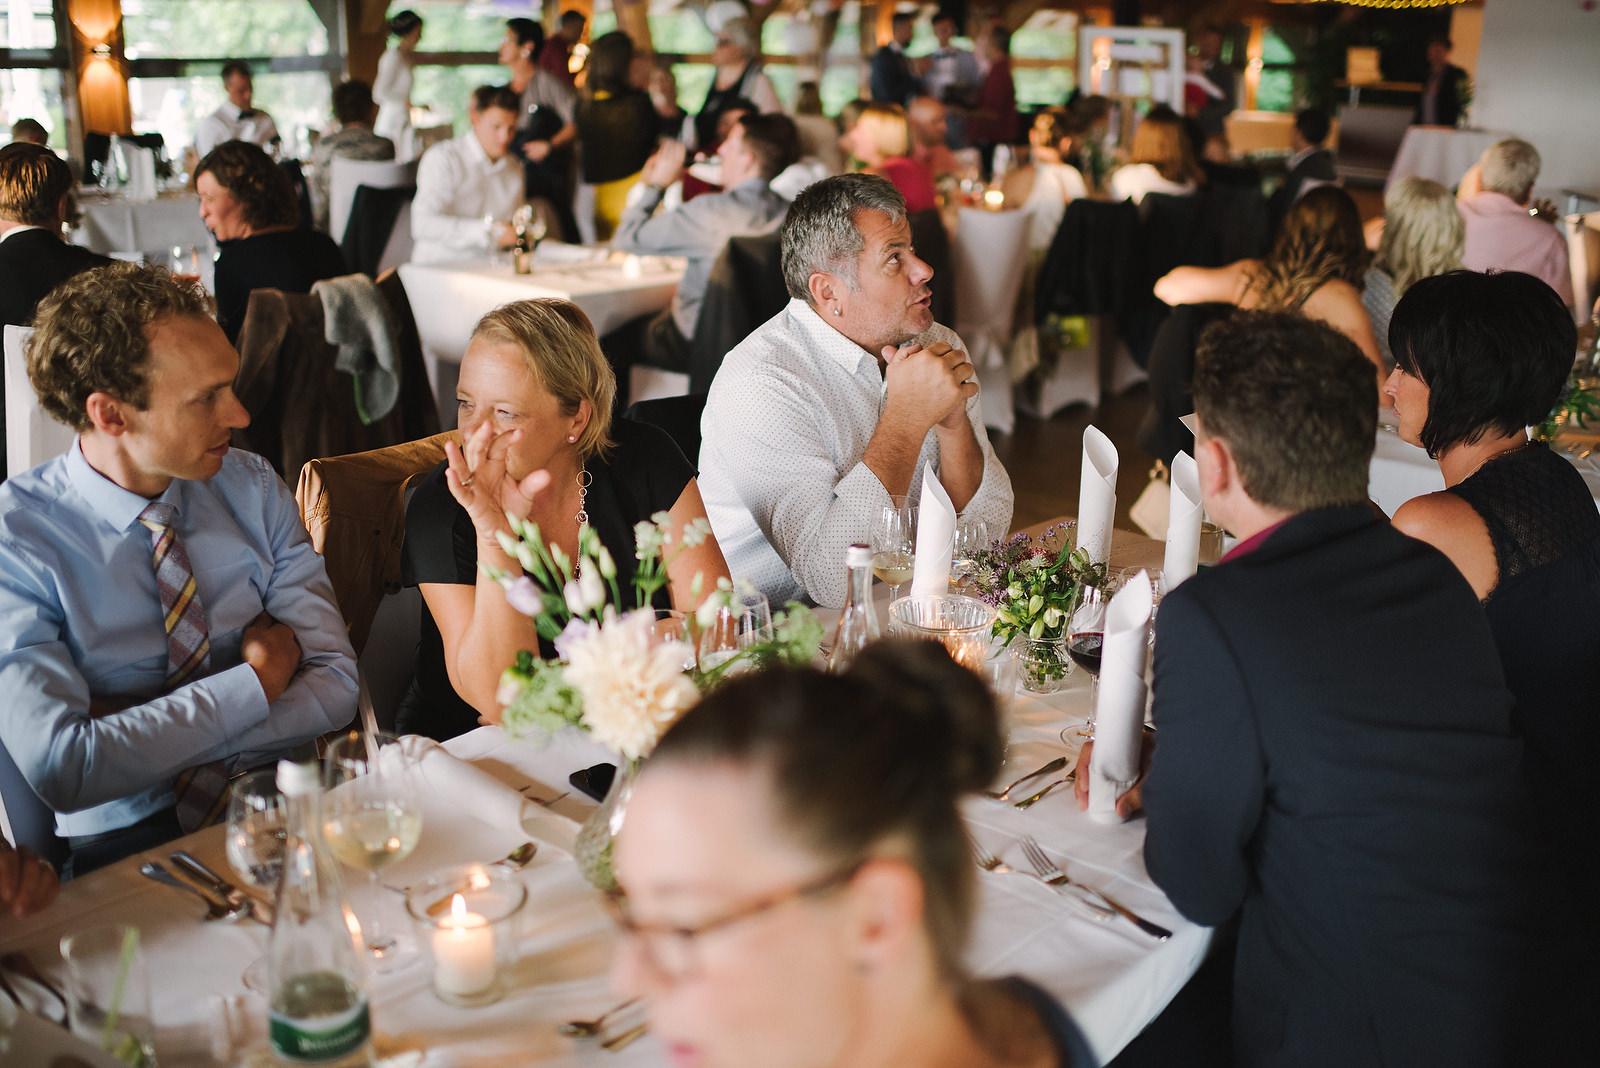 Fotograf Konstanz - Hochzeitsfotograf Reutlingen Achalm Hochzeit EFP 77 - Documentary wedding story on the Achalm, Reutlingen  - 62 -